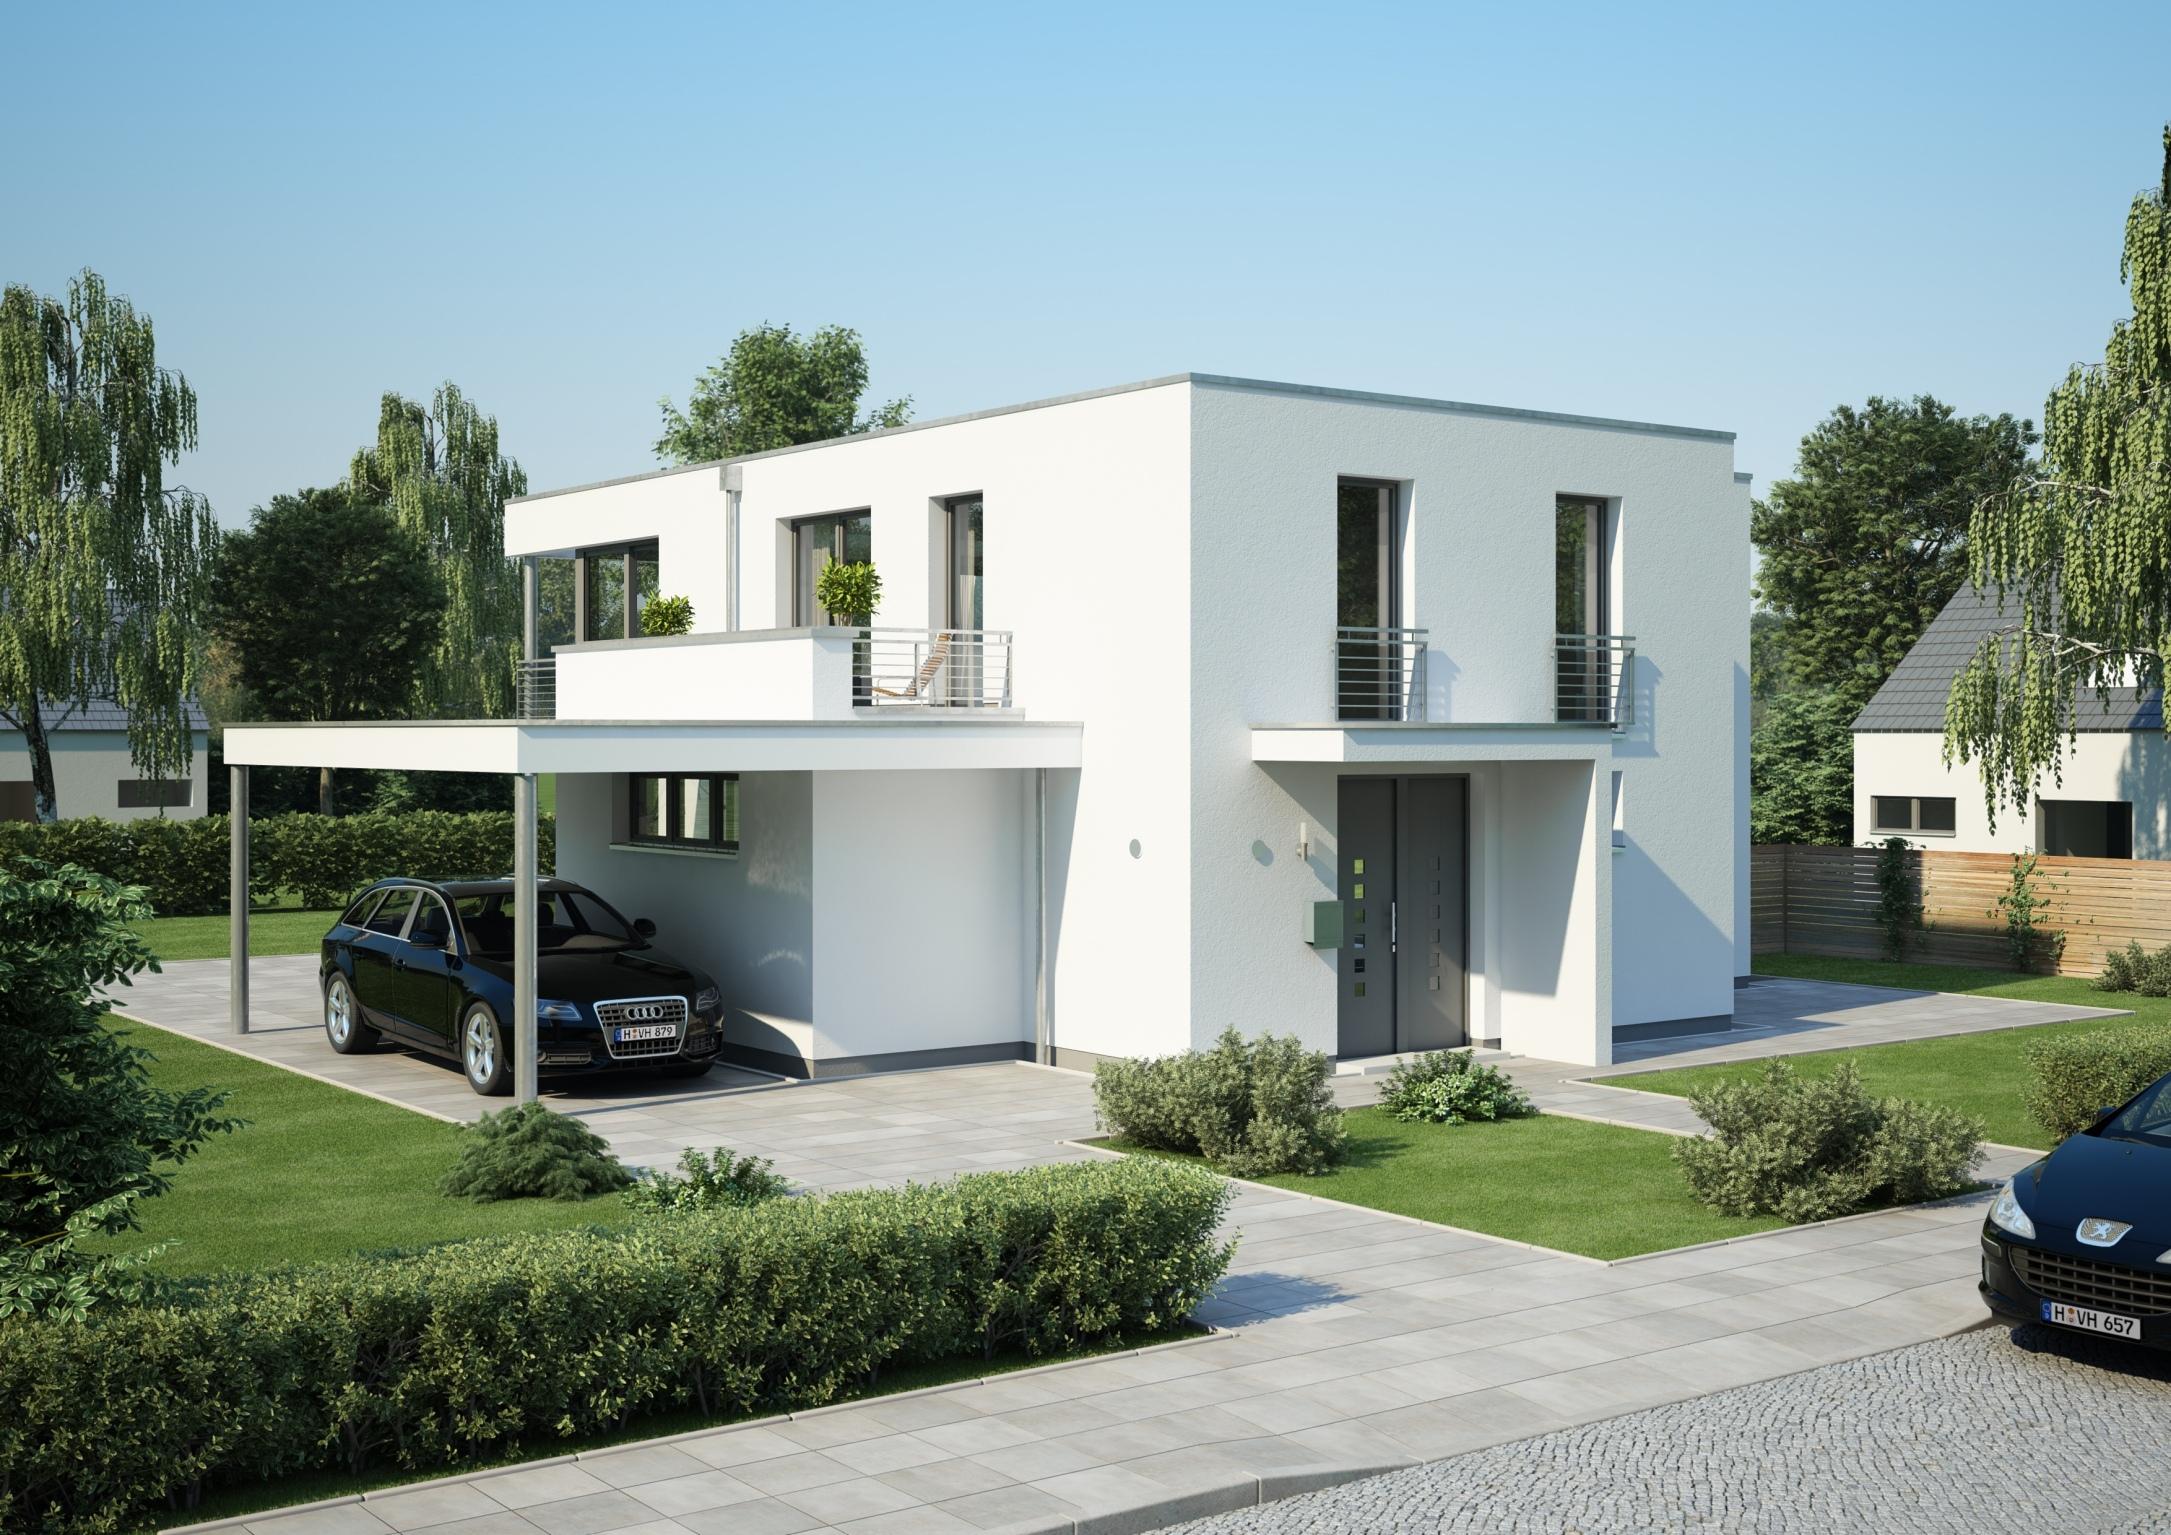 Heinz von heiden weiht bauhaus villa am 15 und 16 september 2012 ein